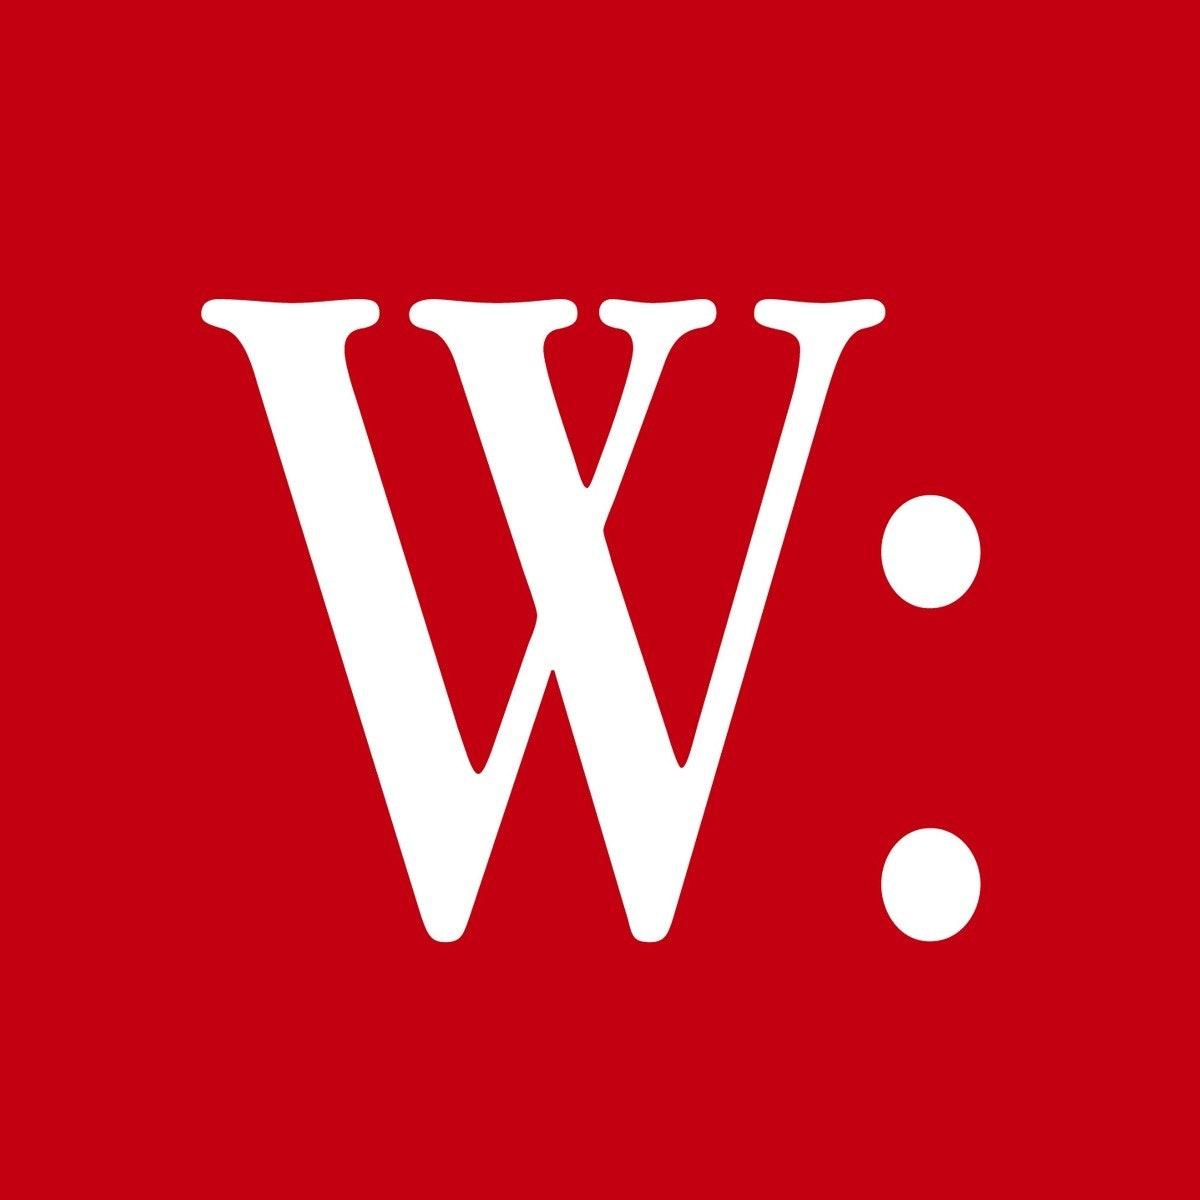 Wirtschaftsforum Verlag GmbH